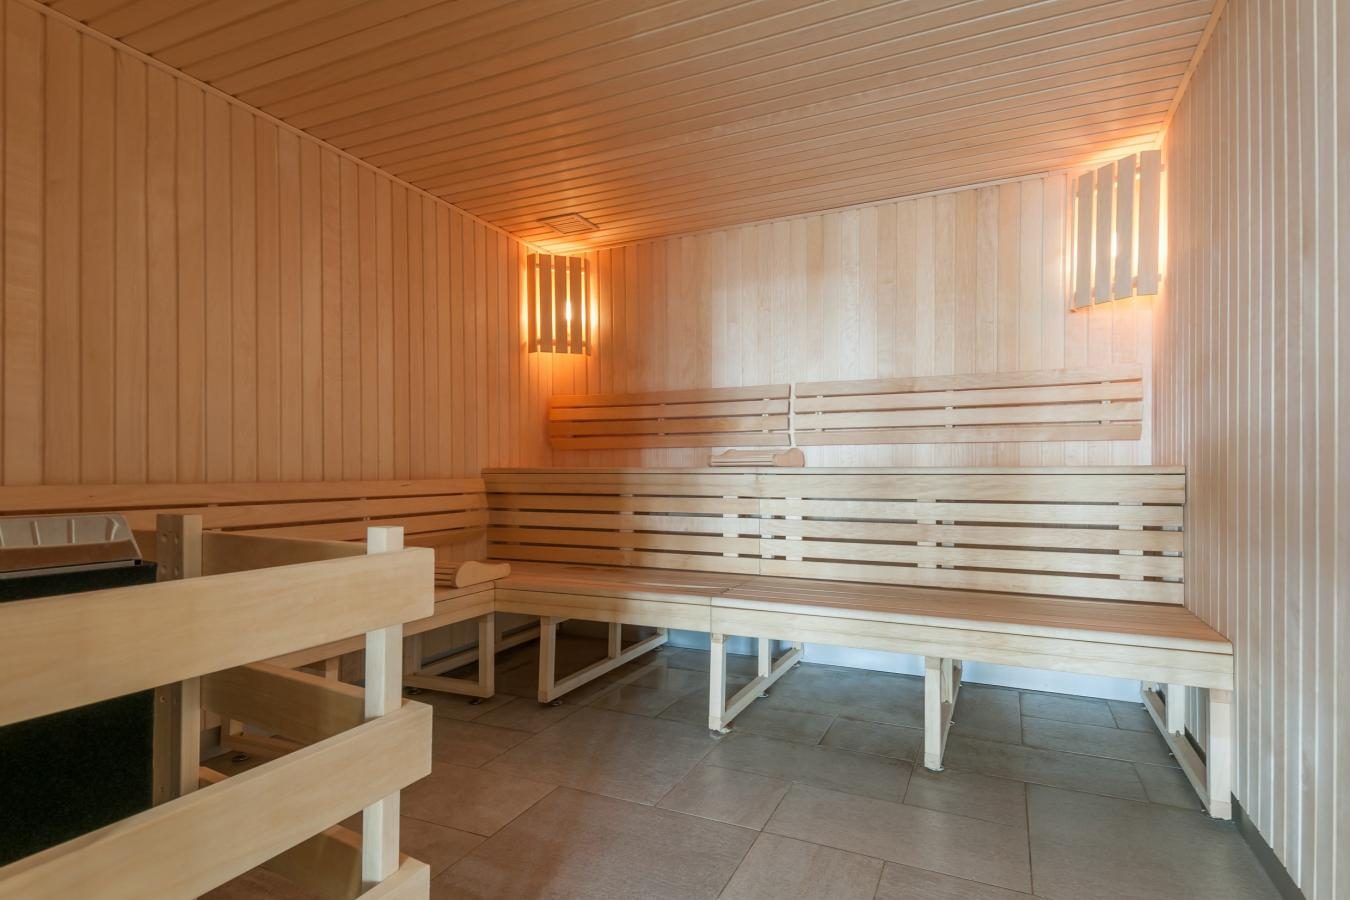 r sidence p v premium les terrasses d 39 helios partir de. Black Bedroom Furniture Sets. Home Design Ideas